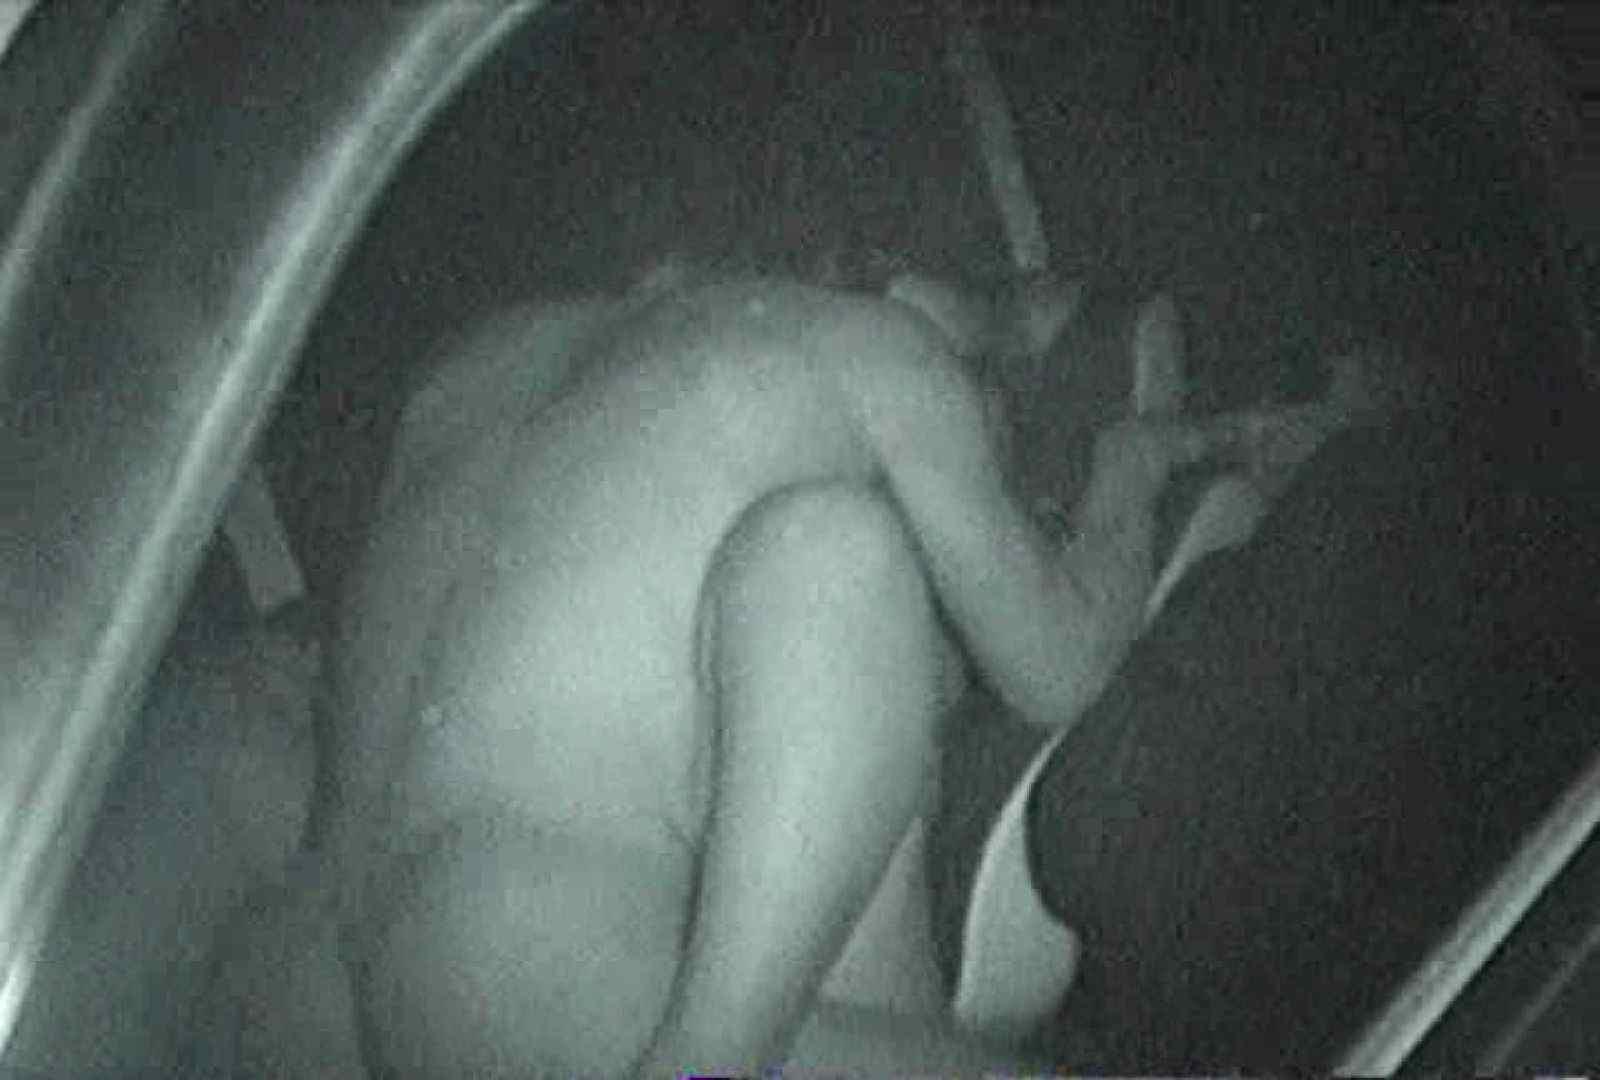 充血監督の深夜の運動会Vol.62 OLエロ画像 | 濃厚セックス  73PICs 31